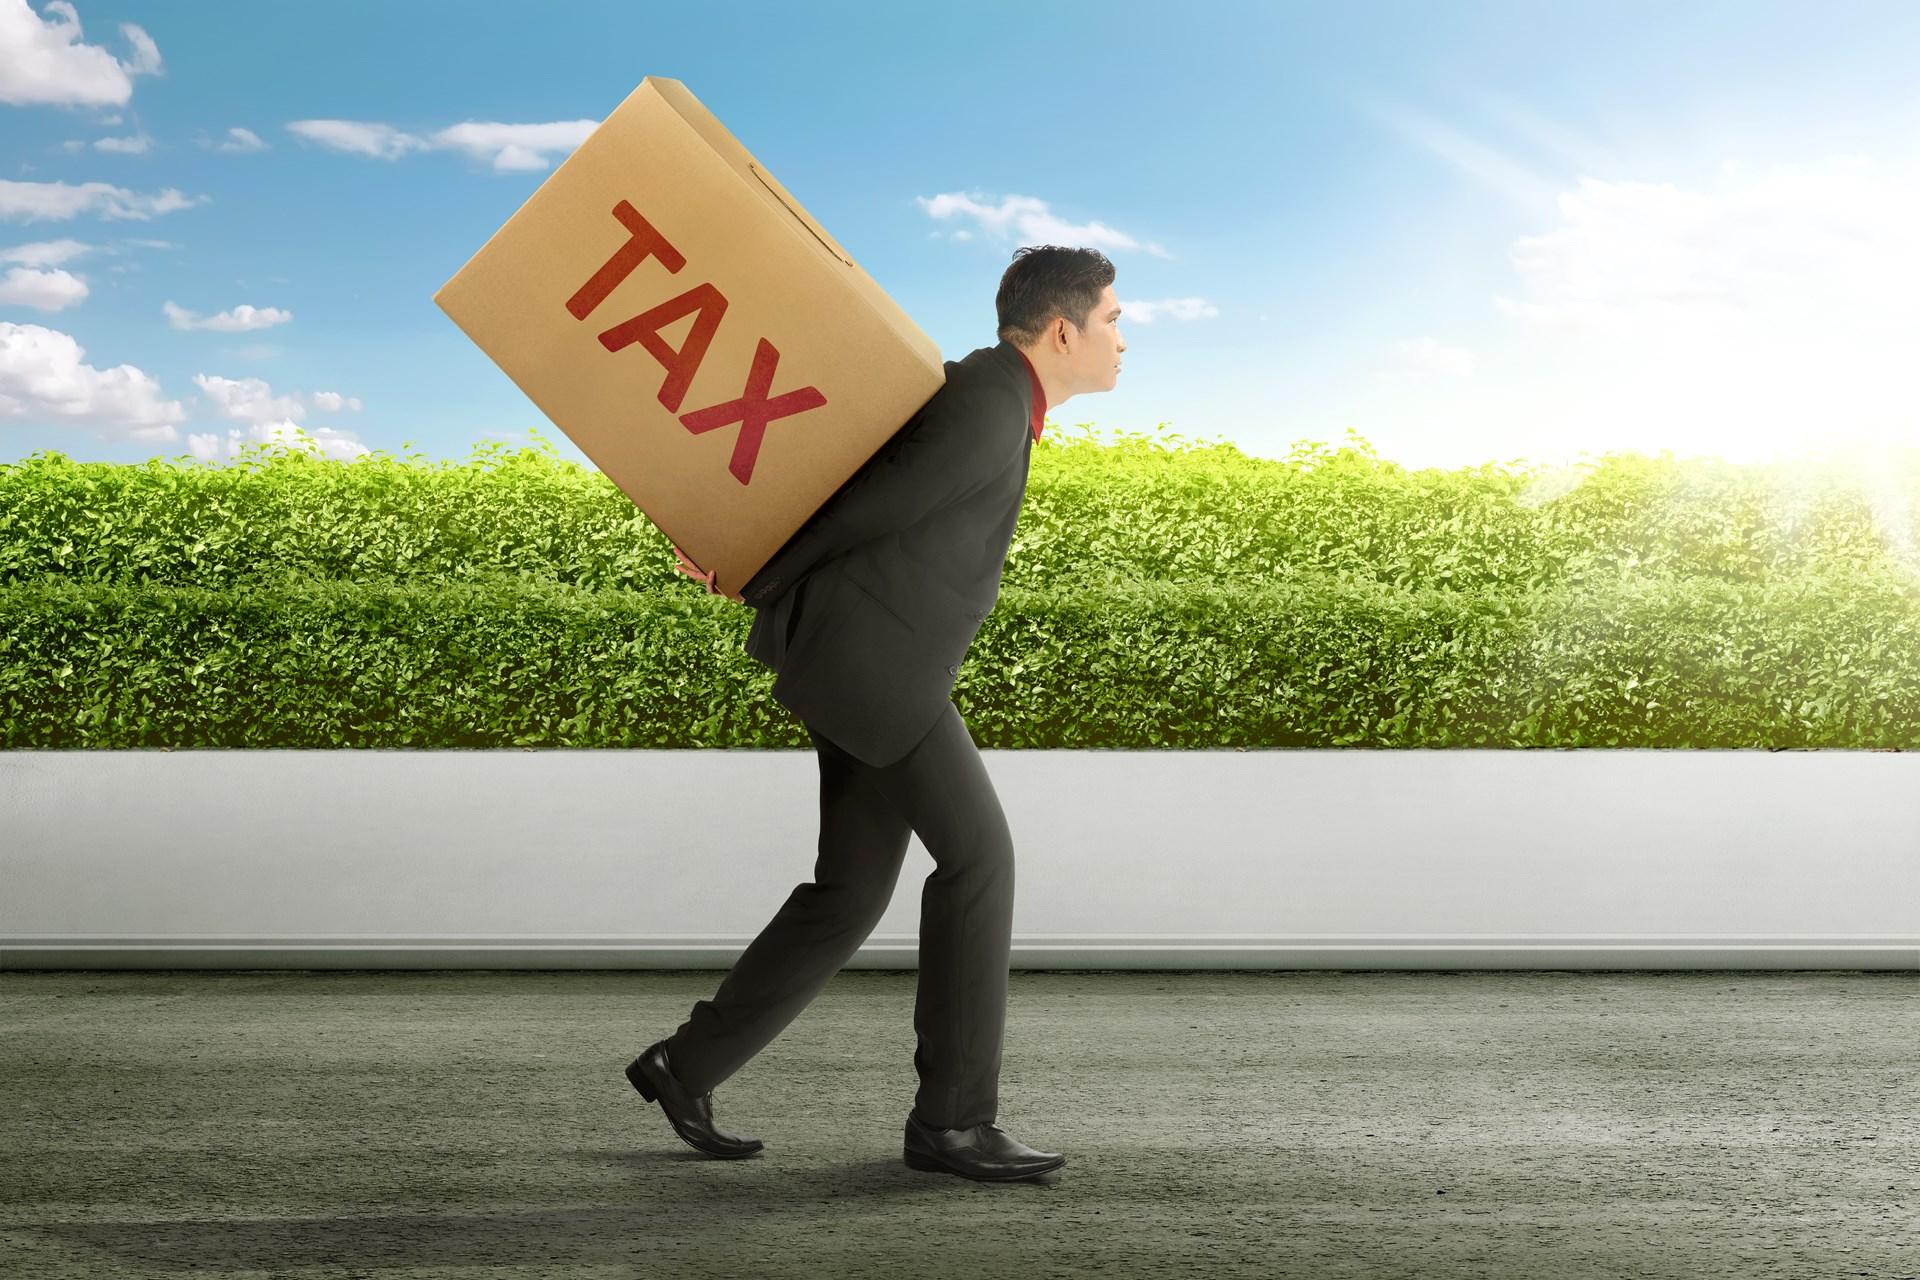 chậm nộp hồ sơ khai thuế so với thời hạn